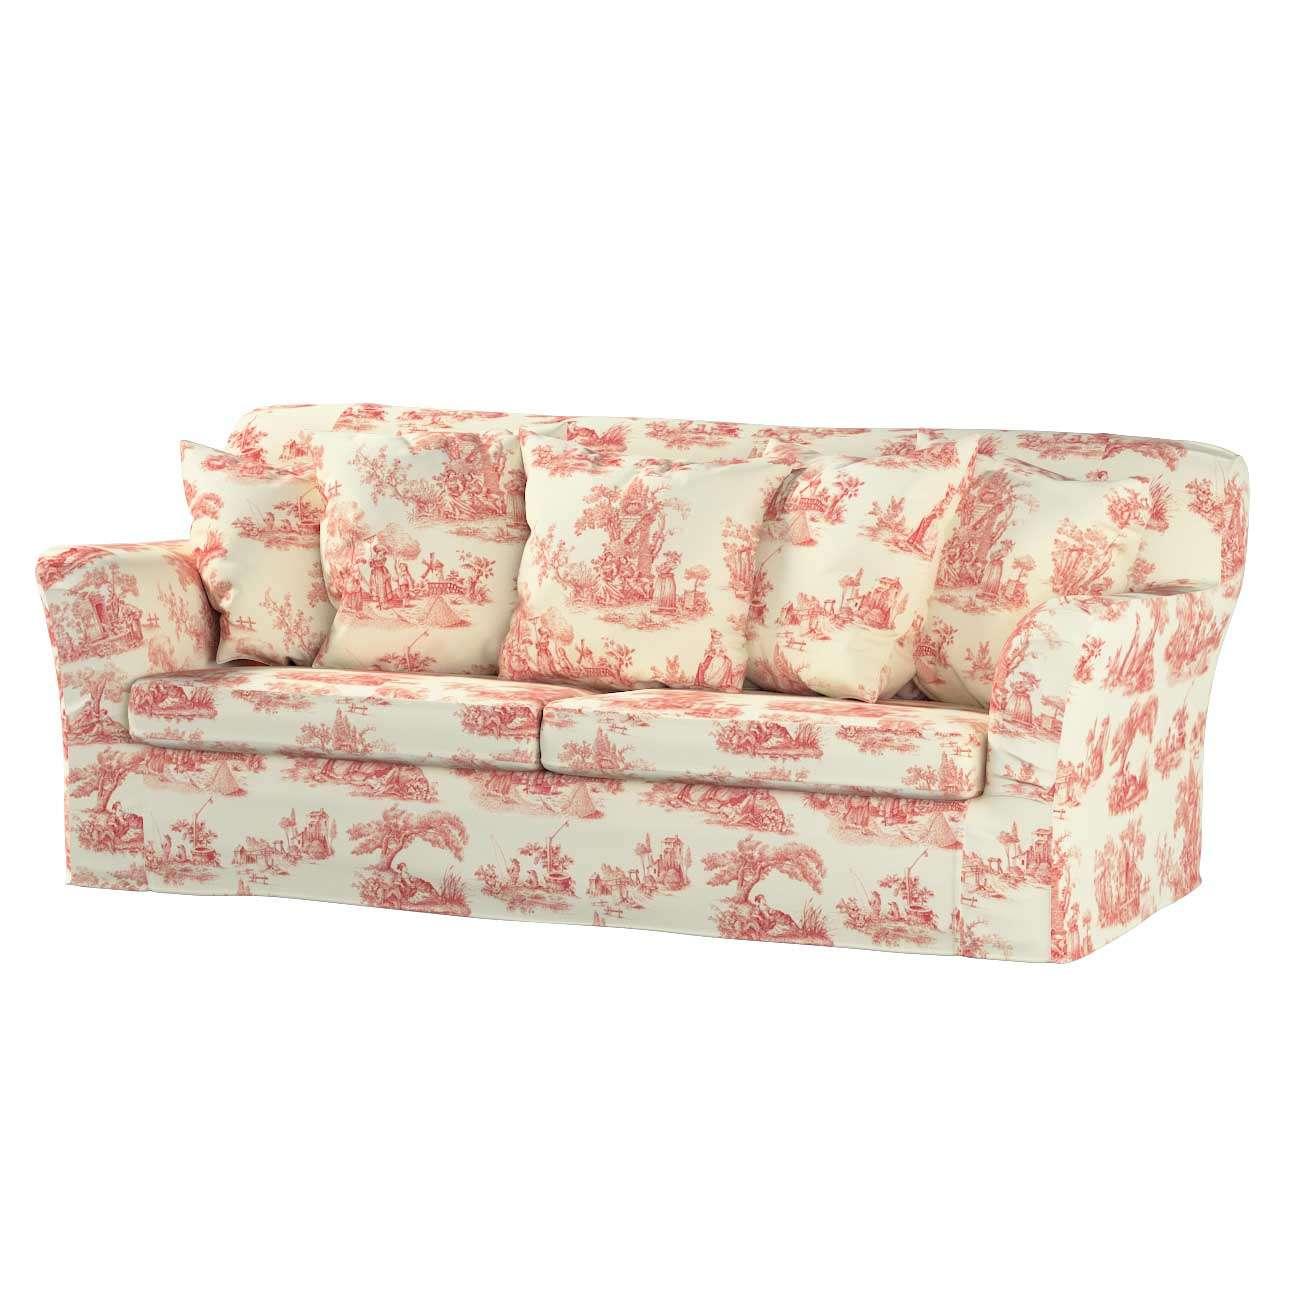 Pokrowiec na sofę Tomelilla rozkładaną Sofa Tomelilla rozkładana w kolekcji Avinon, tkanina: 132-15